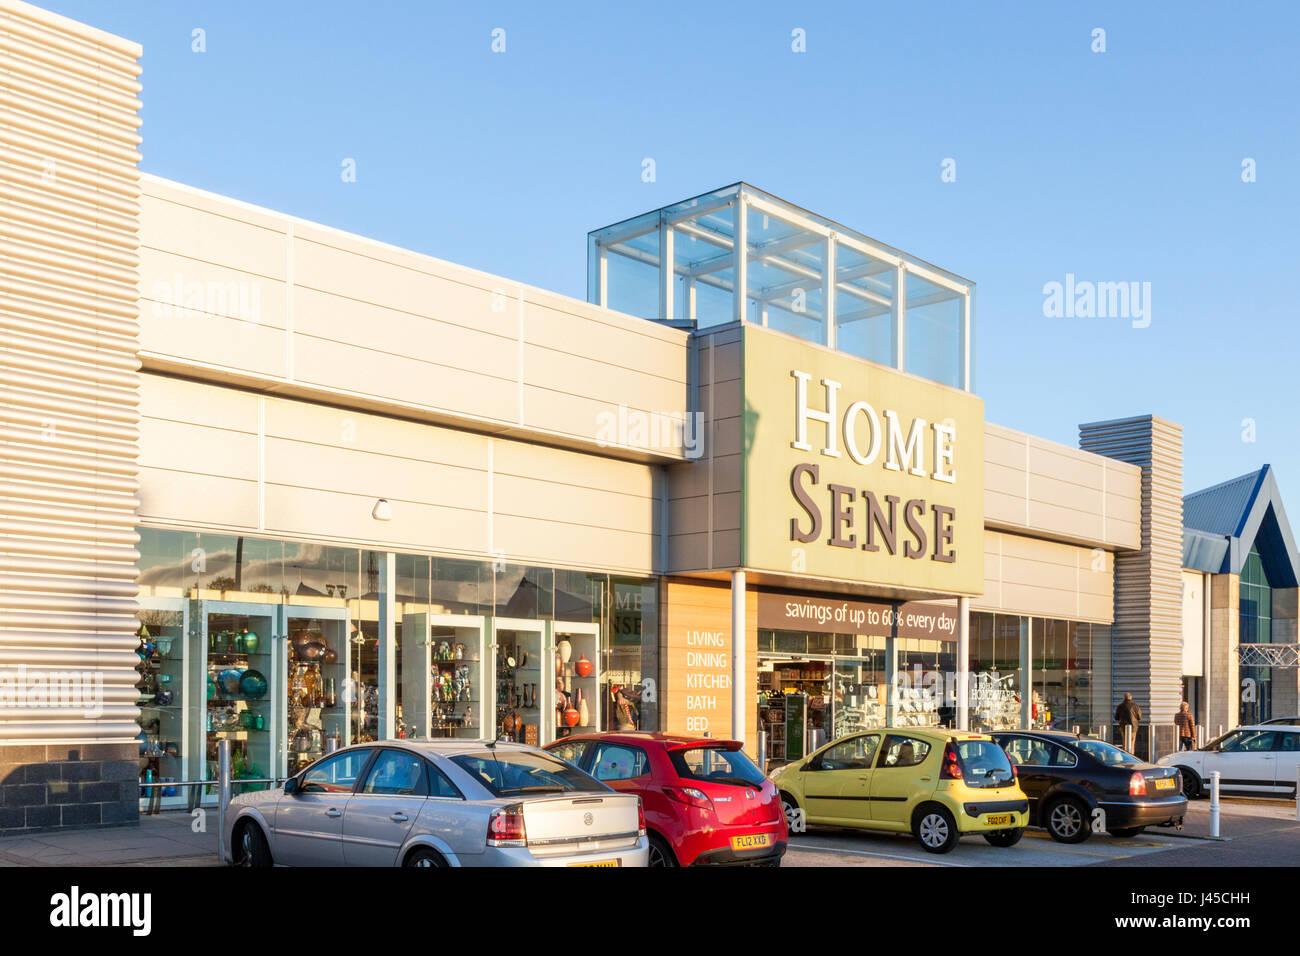 Home sense, château de plaisance retail park, Nottingham, England, UK Photo Stock